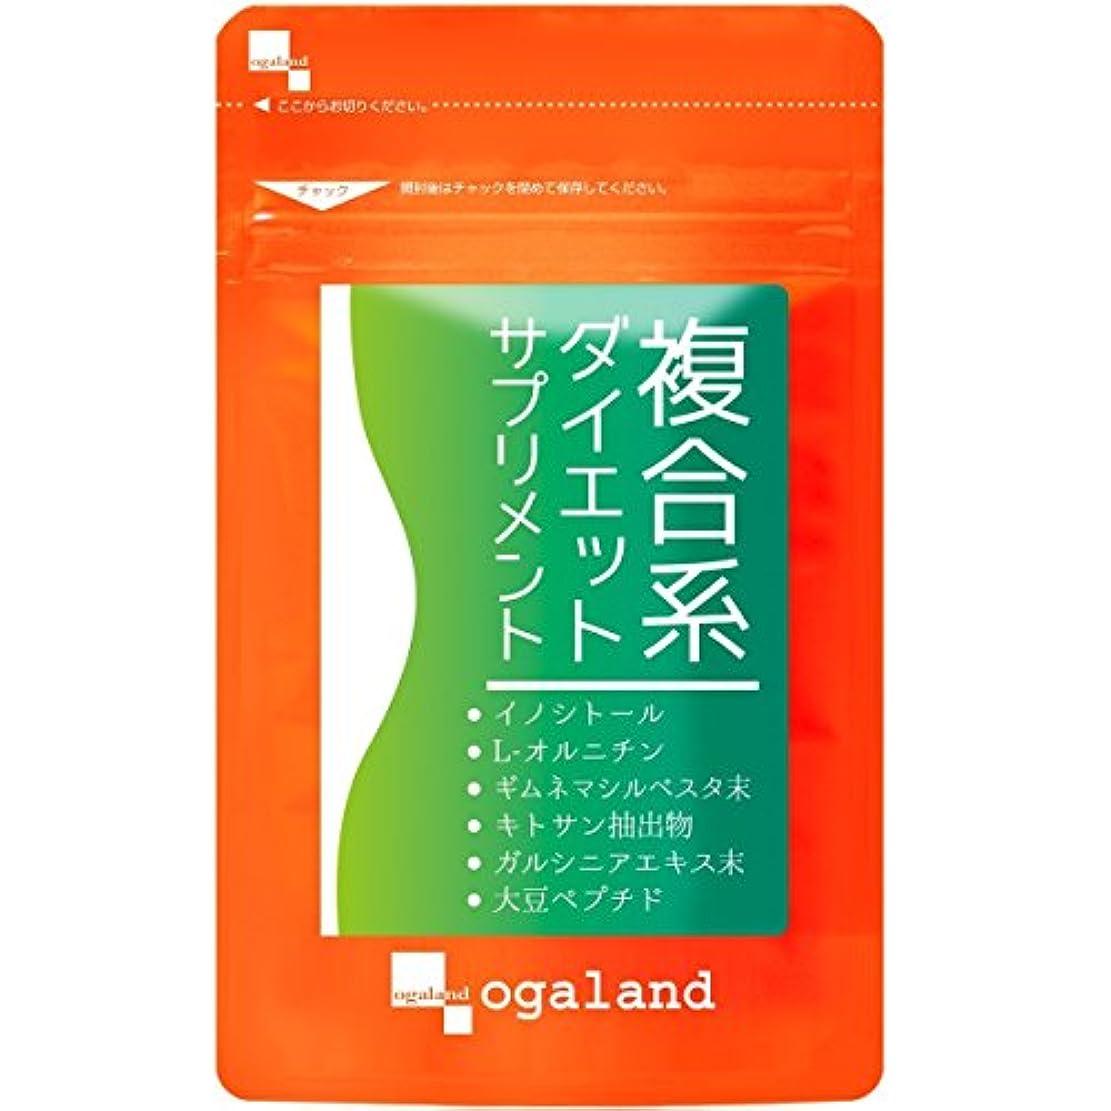 贅沢なフレッシュ祭り【Amazon.co.jp限定】複合系ダイエットサプリメント 90粒